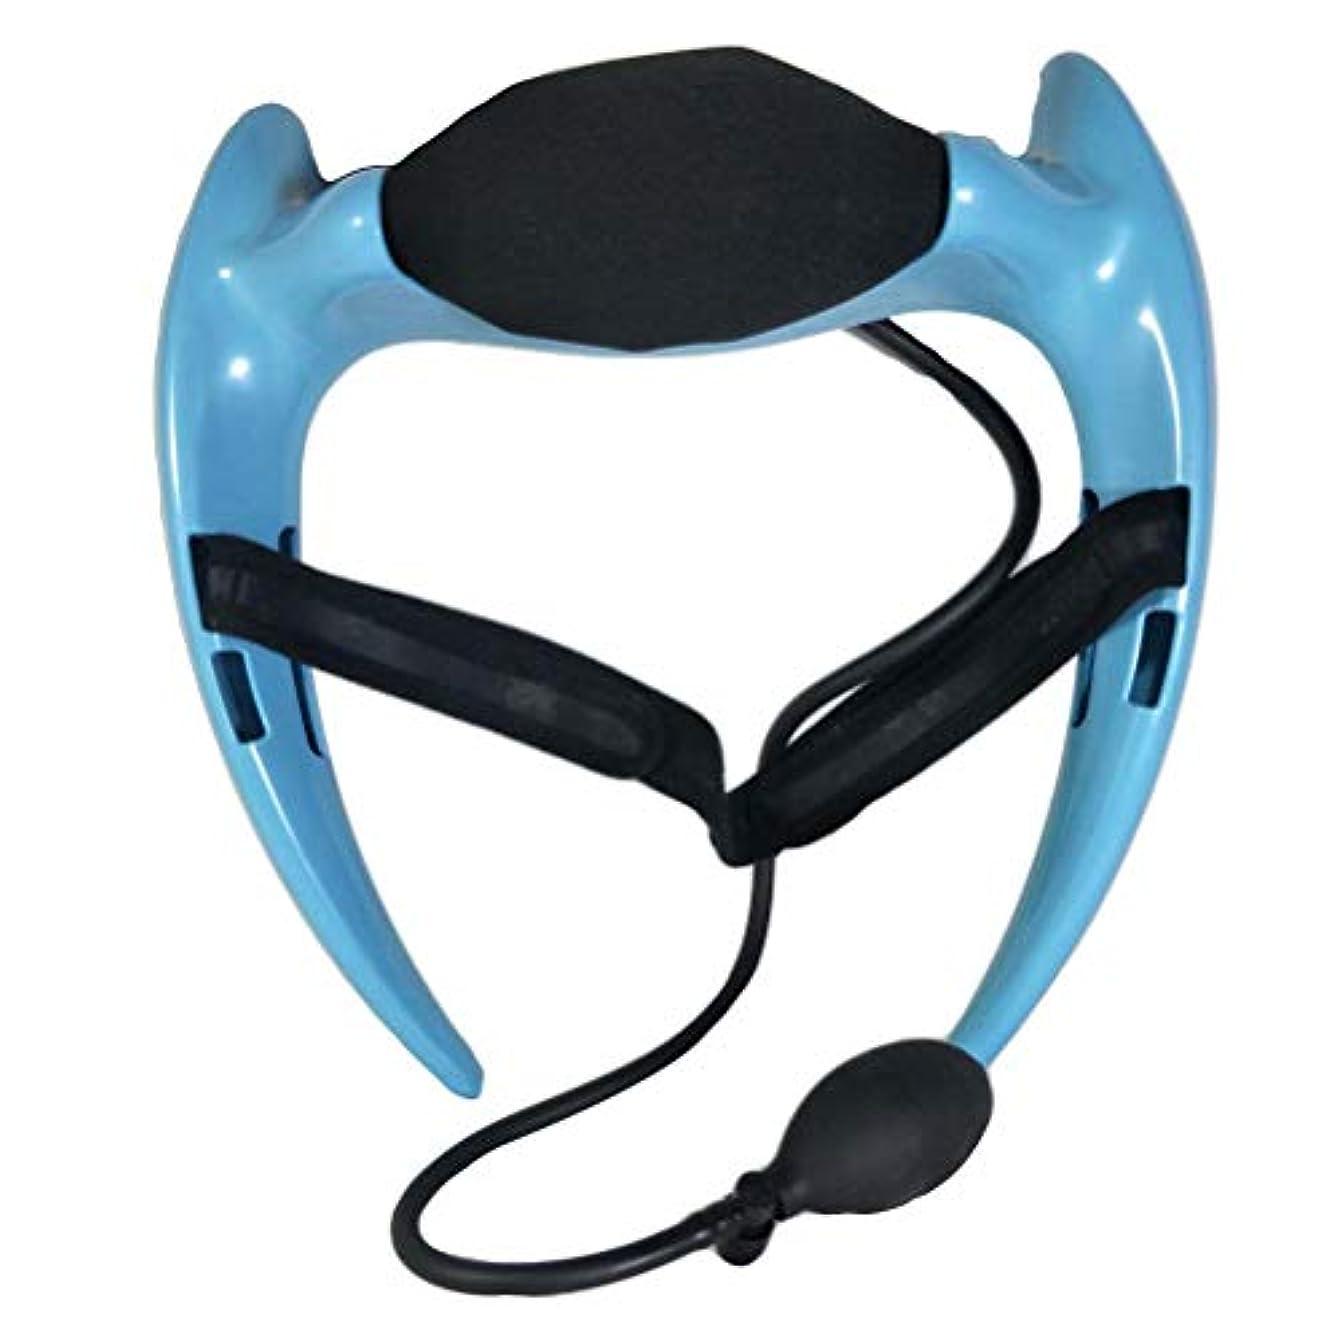 硫黄君主ジャングルHEALLILY 傷害のための膨脹可能な首の牽引装置首サポート牽引